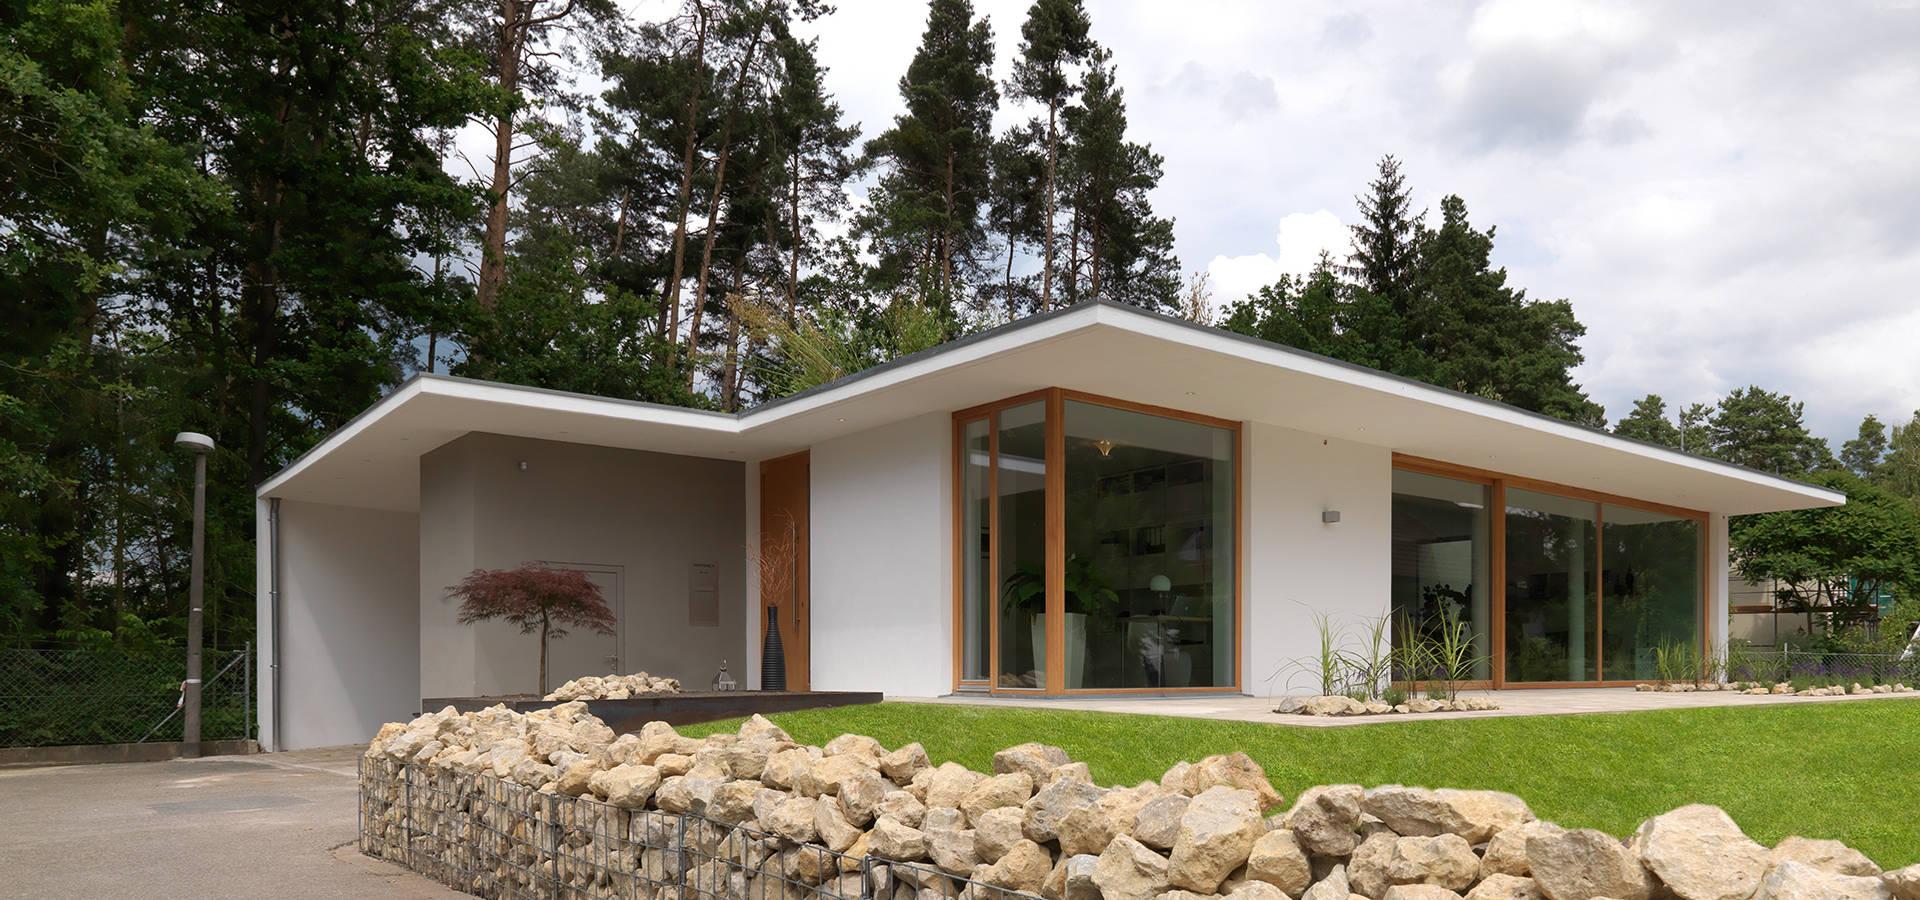 Bermüller + Hauner Architekturwerkstatt